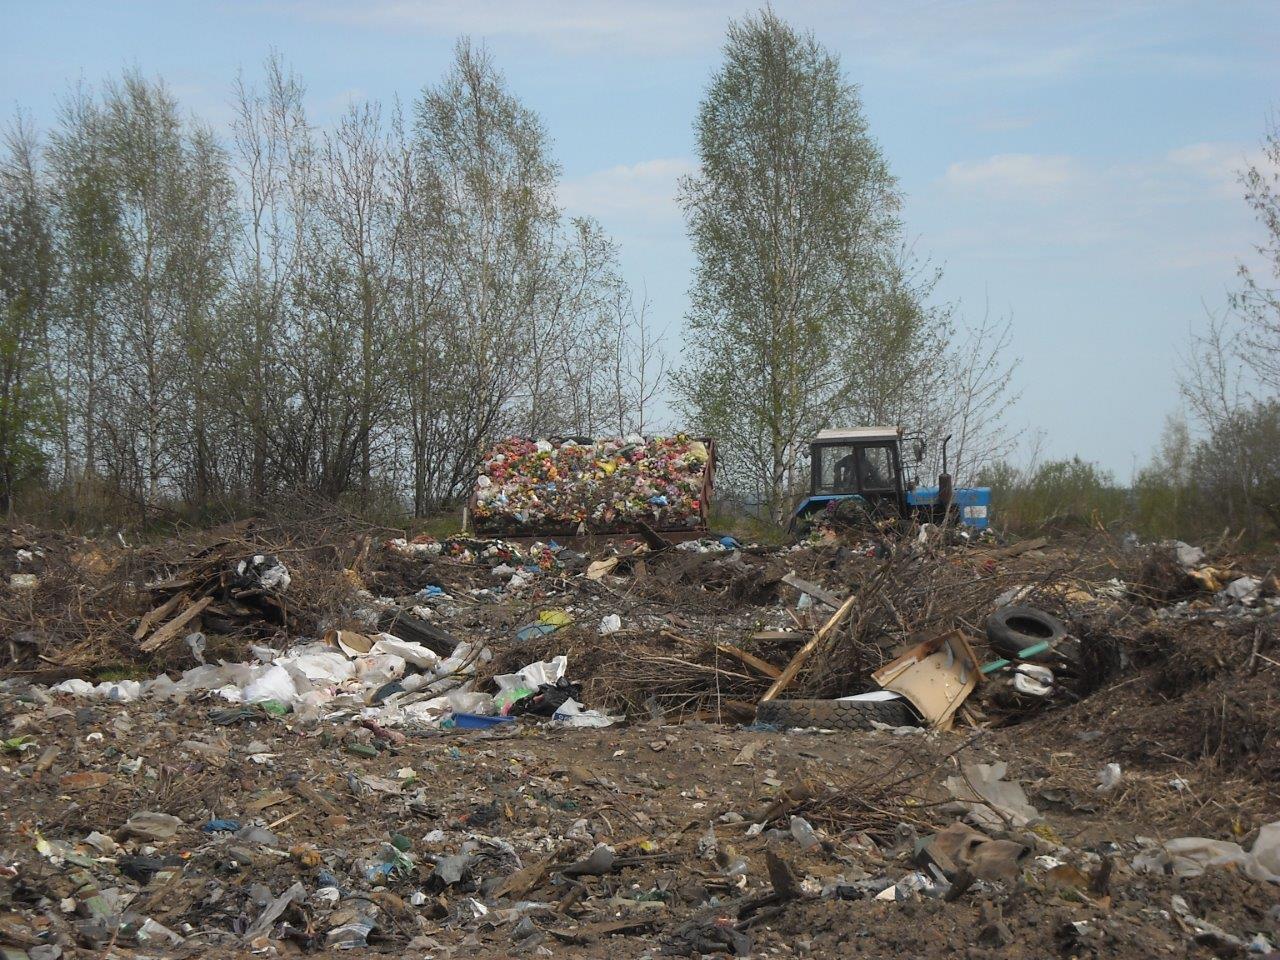 Ярославцы смогут бороться с незаконными свалками и почувствовать себя инспекторами